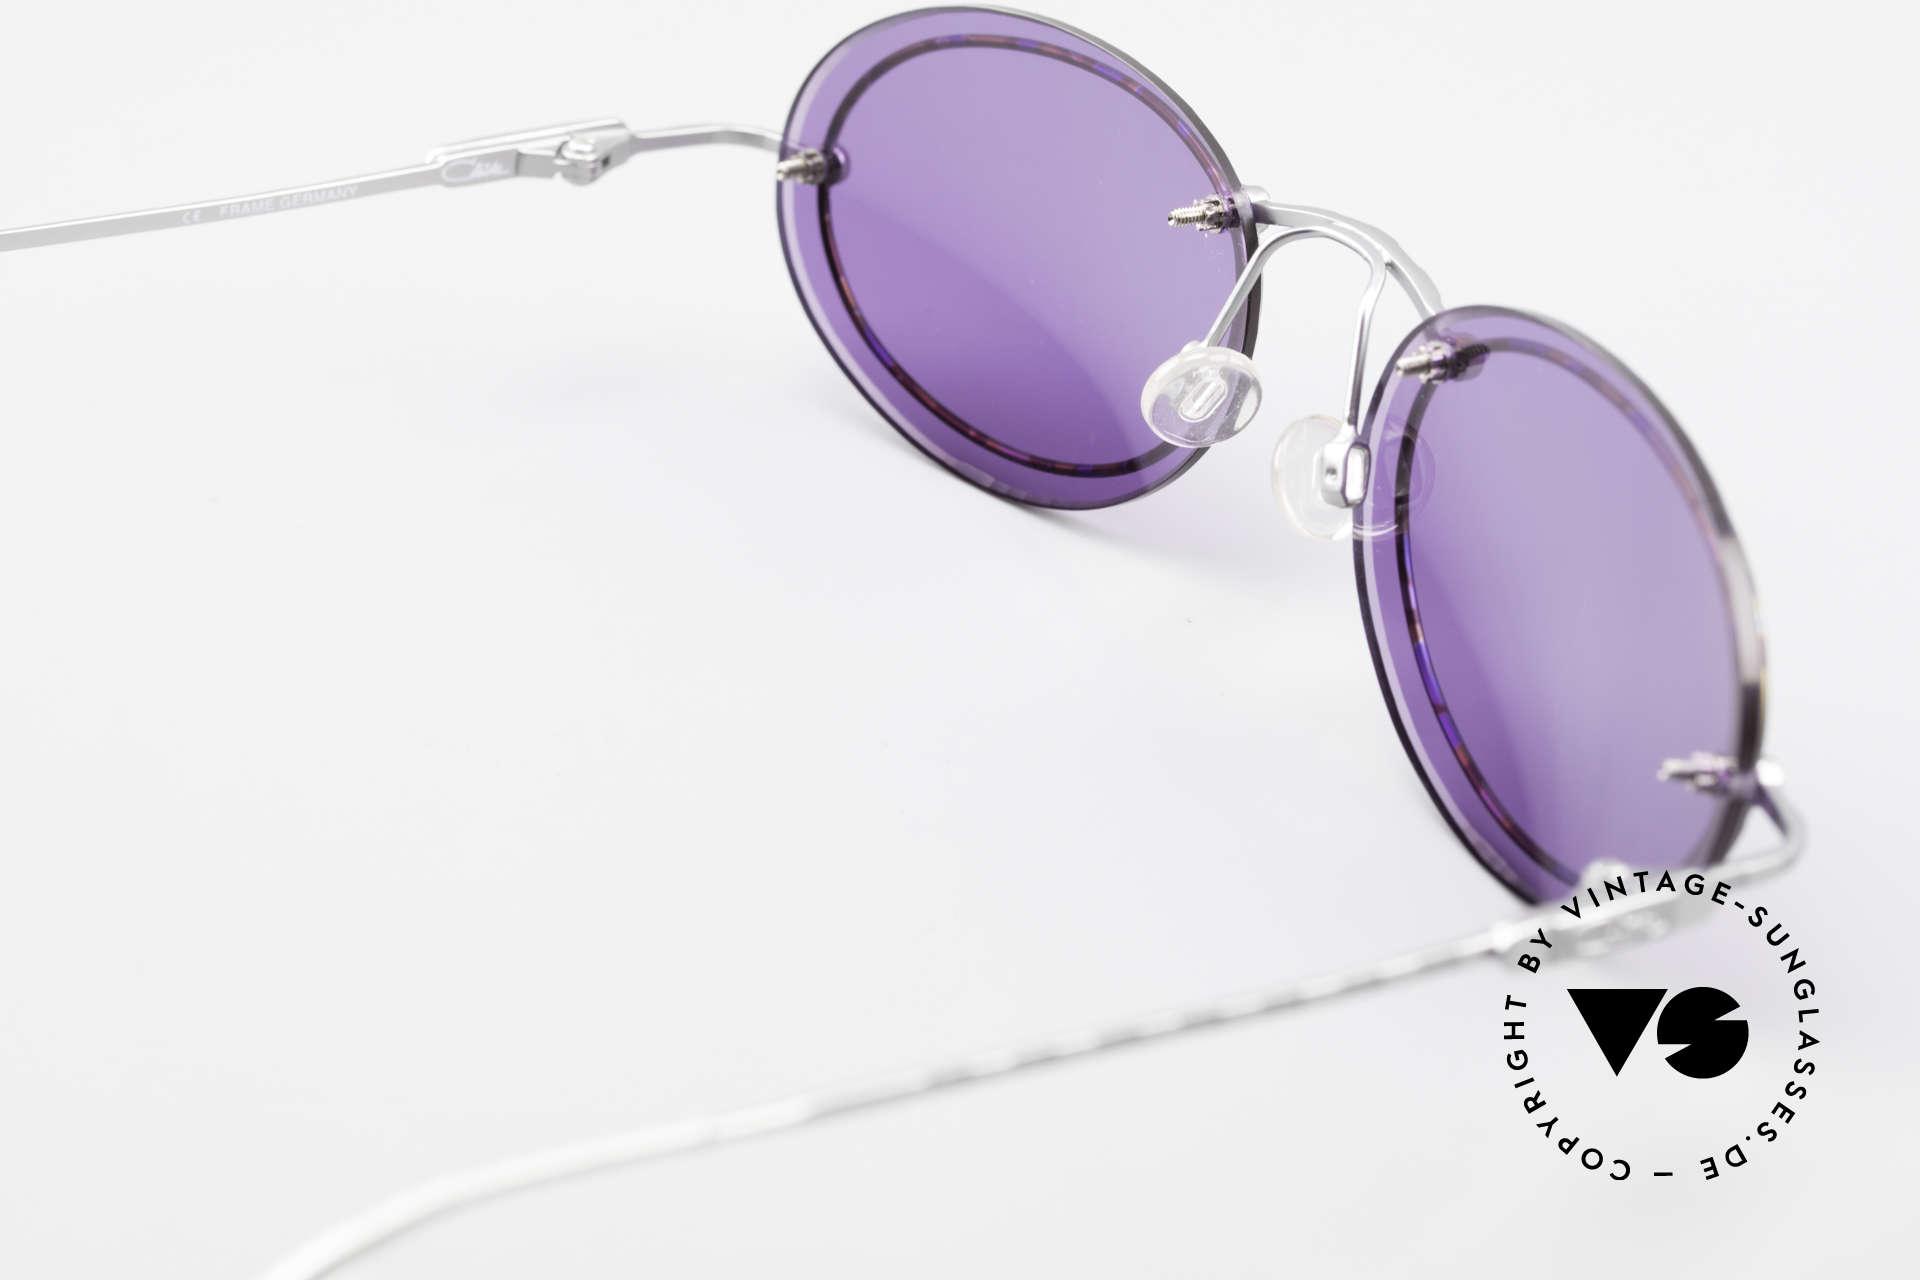 Cazal 770 Oval Vintage Sonnenbrille 90er, violetten Sonnengläser sind sehr angenehm zu tragen, Passend für Herren und Damen